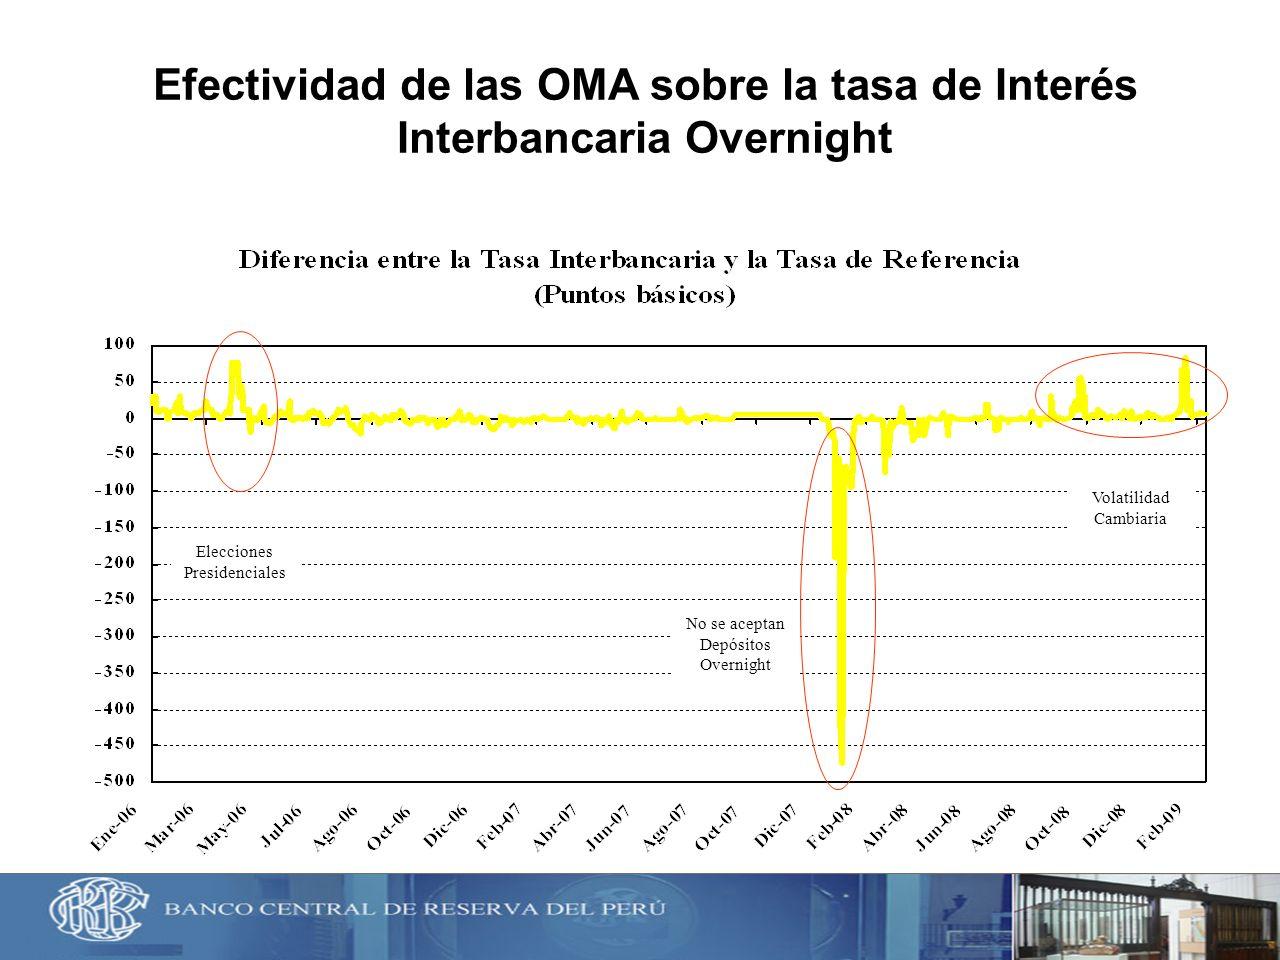 Efectividad de las OMA sobre la tasa de Interés Interbancaria Overnight Elecciones Presidenciales No se aceptan Depósitos Overnight Volatilidad Cambia